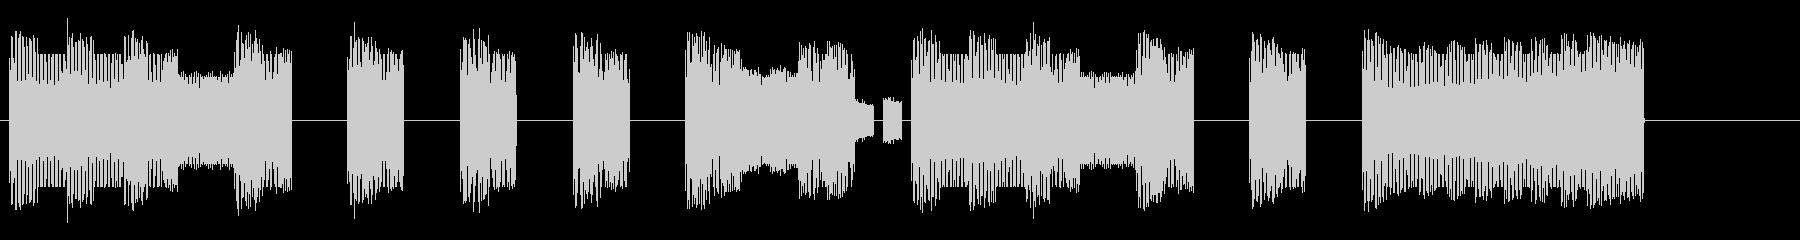 本格的ファミコンの中華風ジングルの未再生の波形